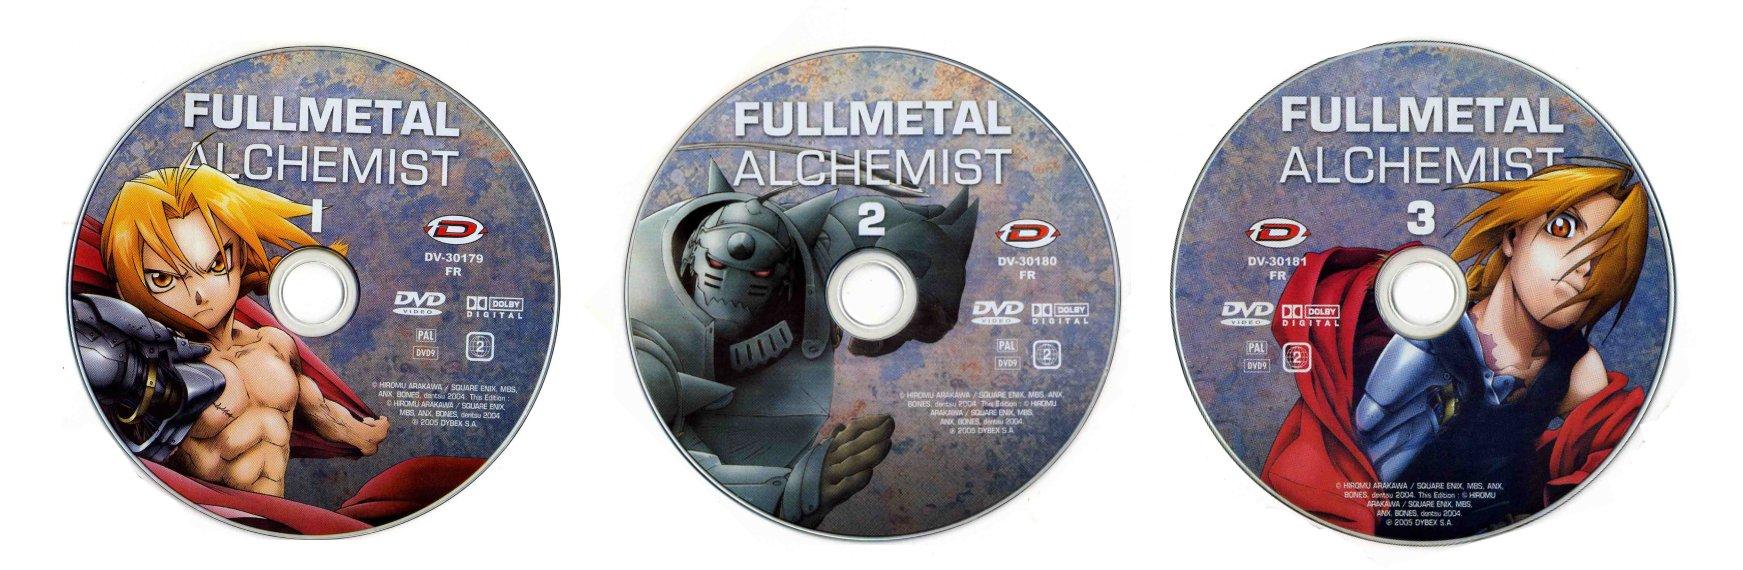 DVD 1, 2 et 3 du digipack avec les épisodes 1 à 15 de la box collector Fullmetal Alchemist